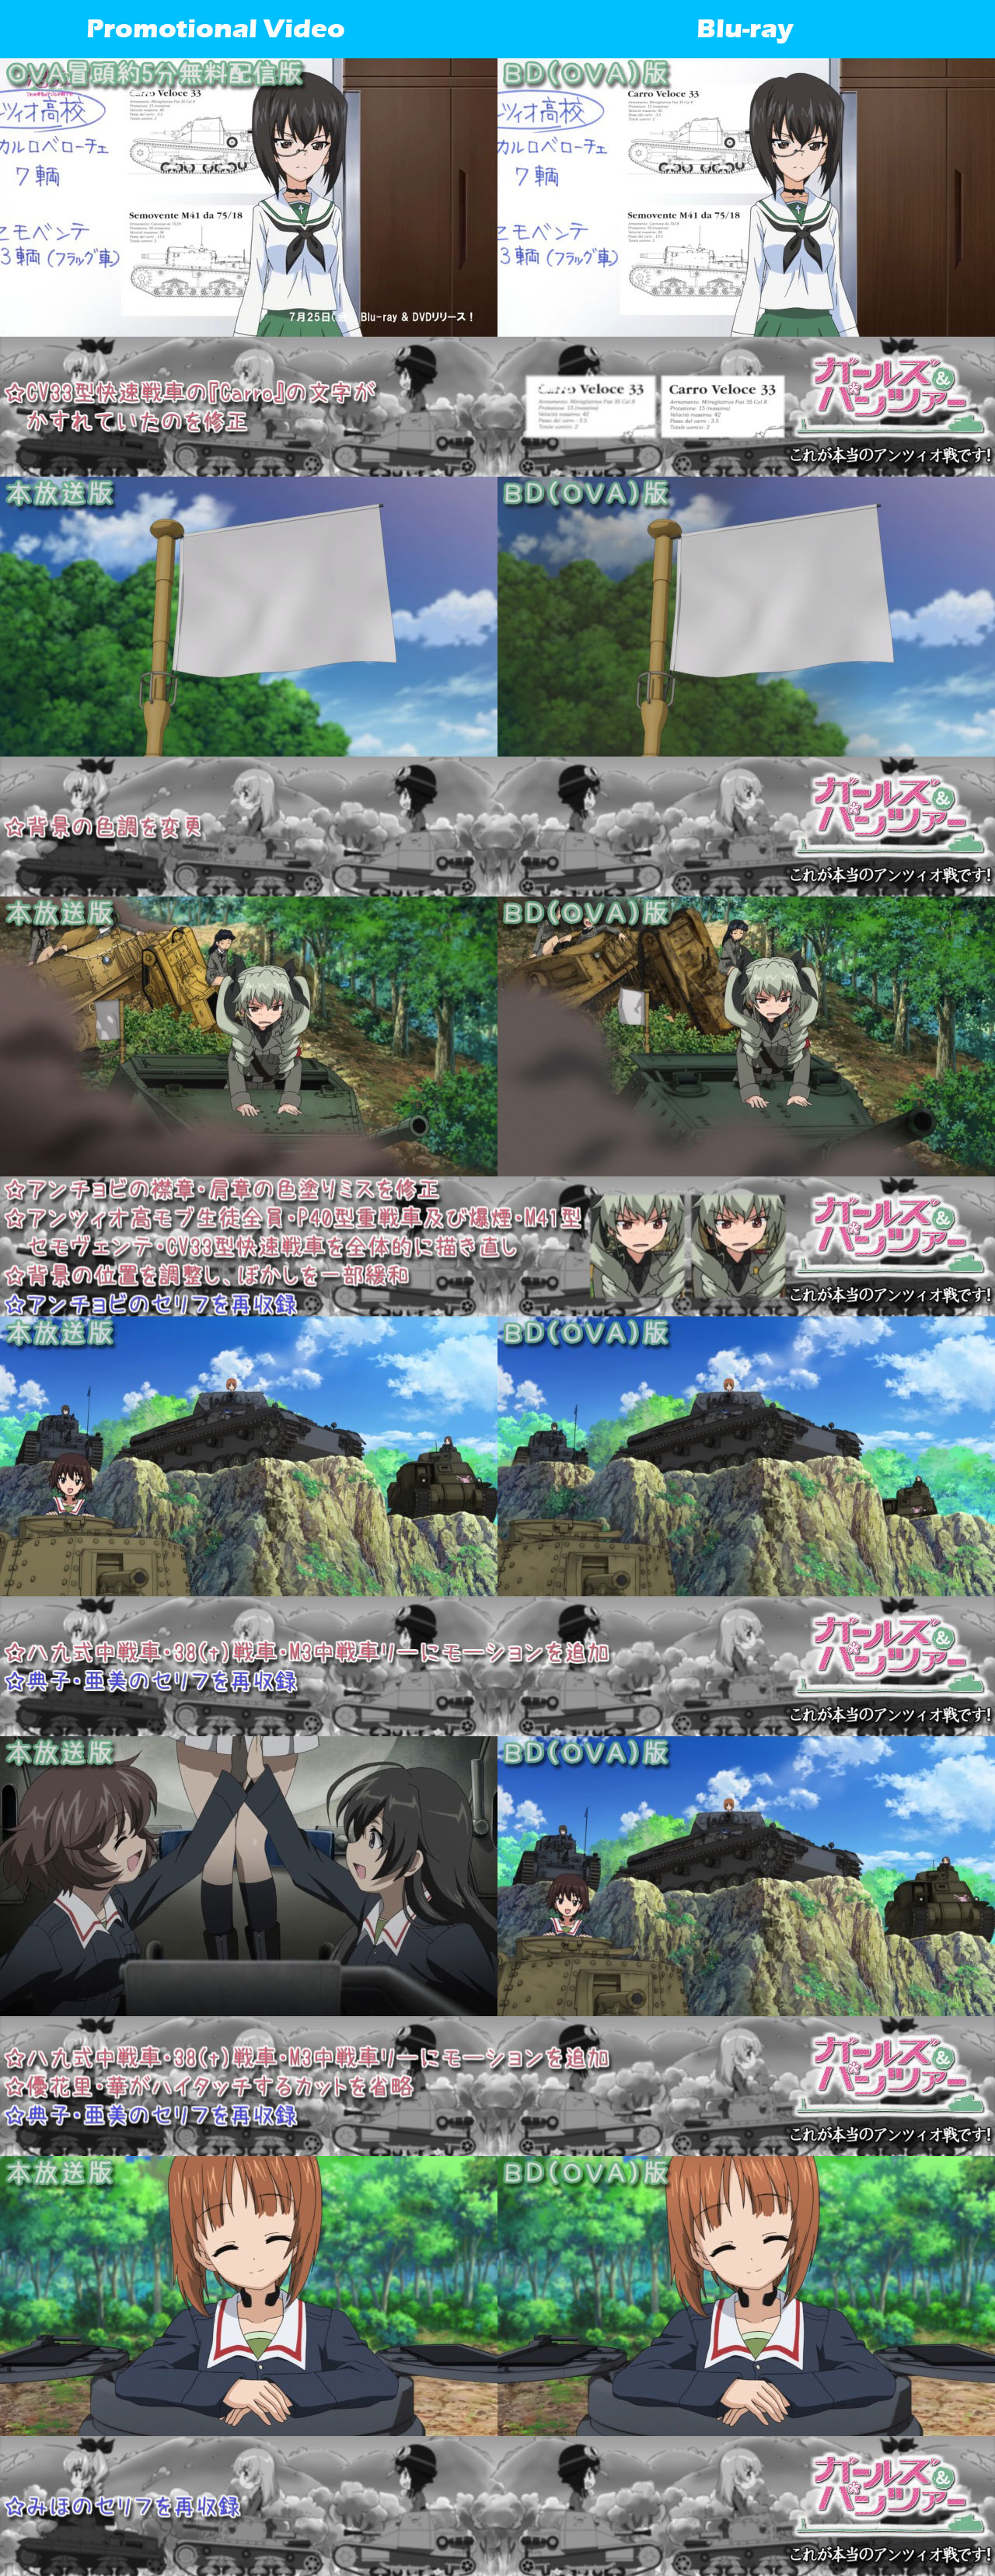 Girls-Und-Panzer-Kore-Ga-Hontou-No-Anzio-Sen-Desu-TV-and-Blu-ray-Comparison-6_Haruhichan.com